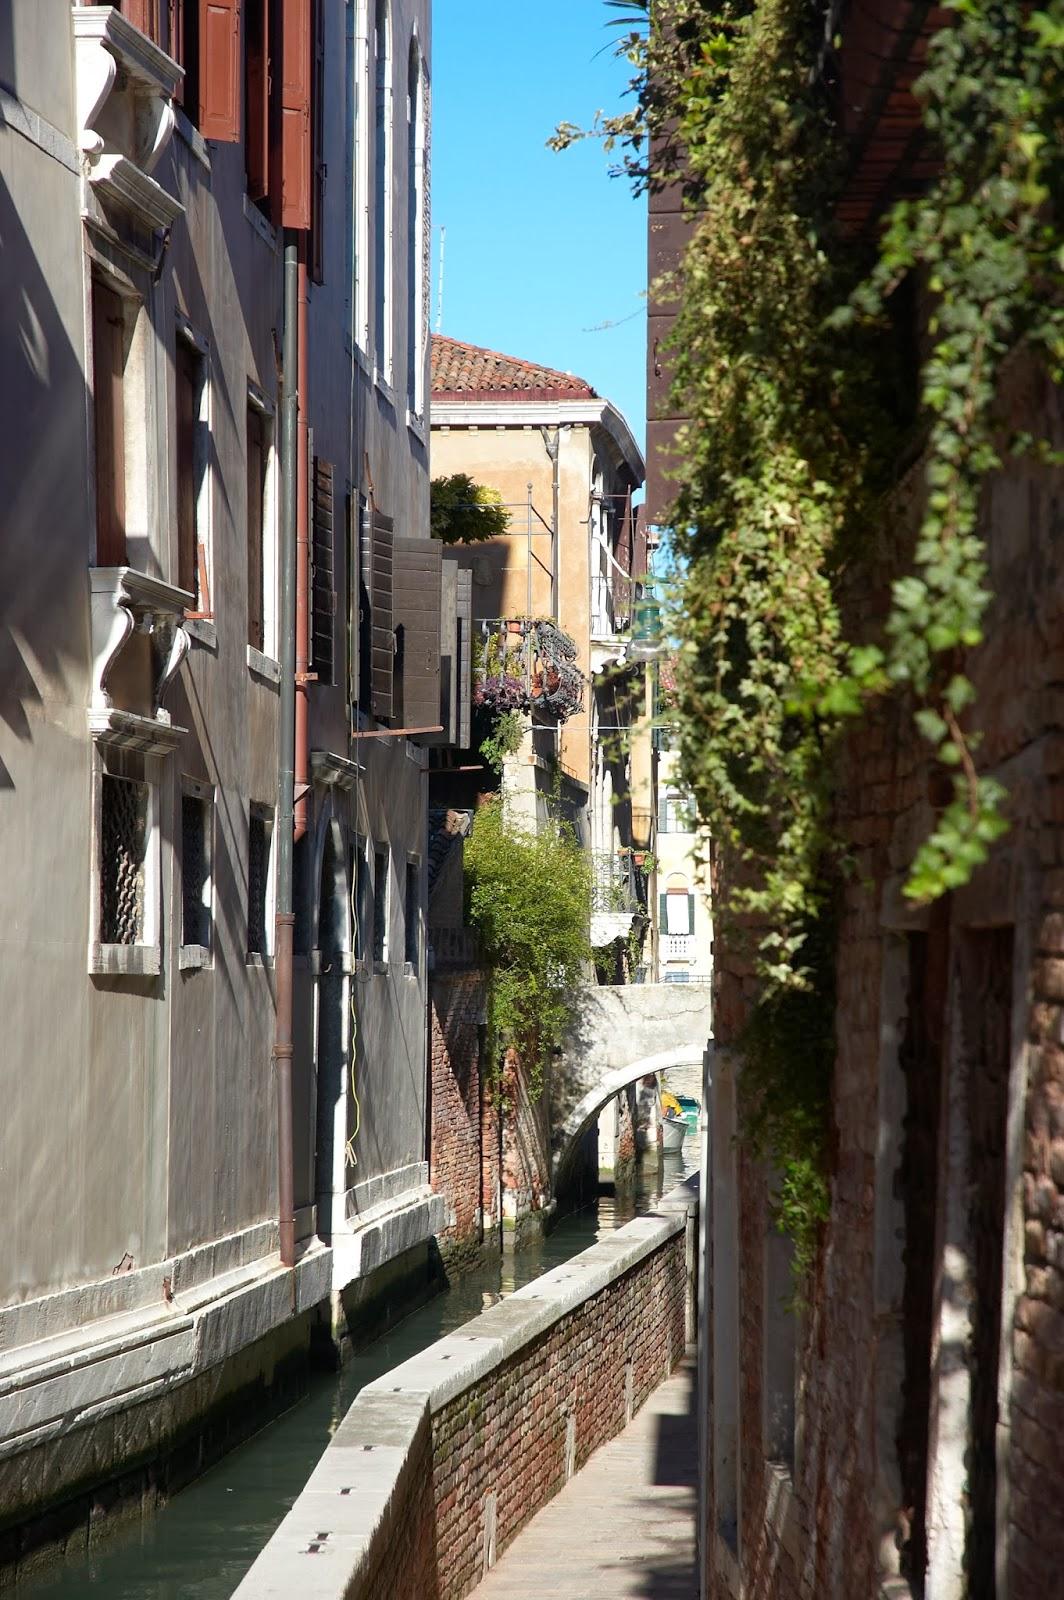 urokliwe zaułki w Wenecji